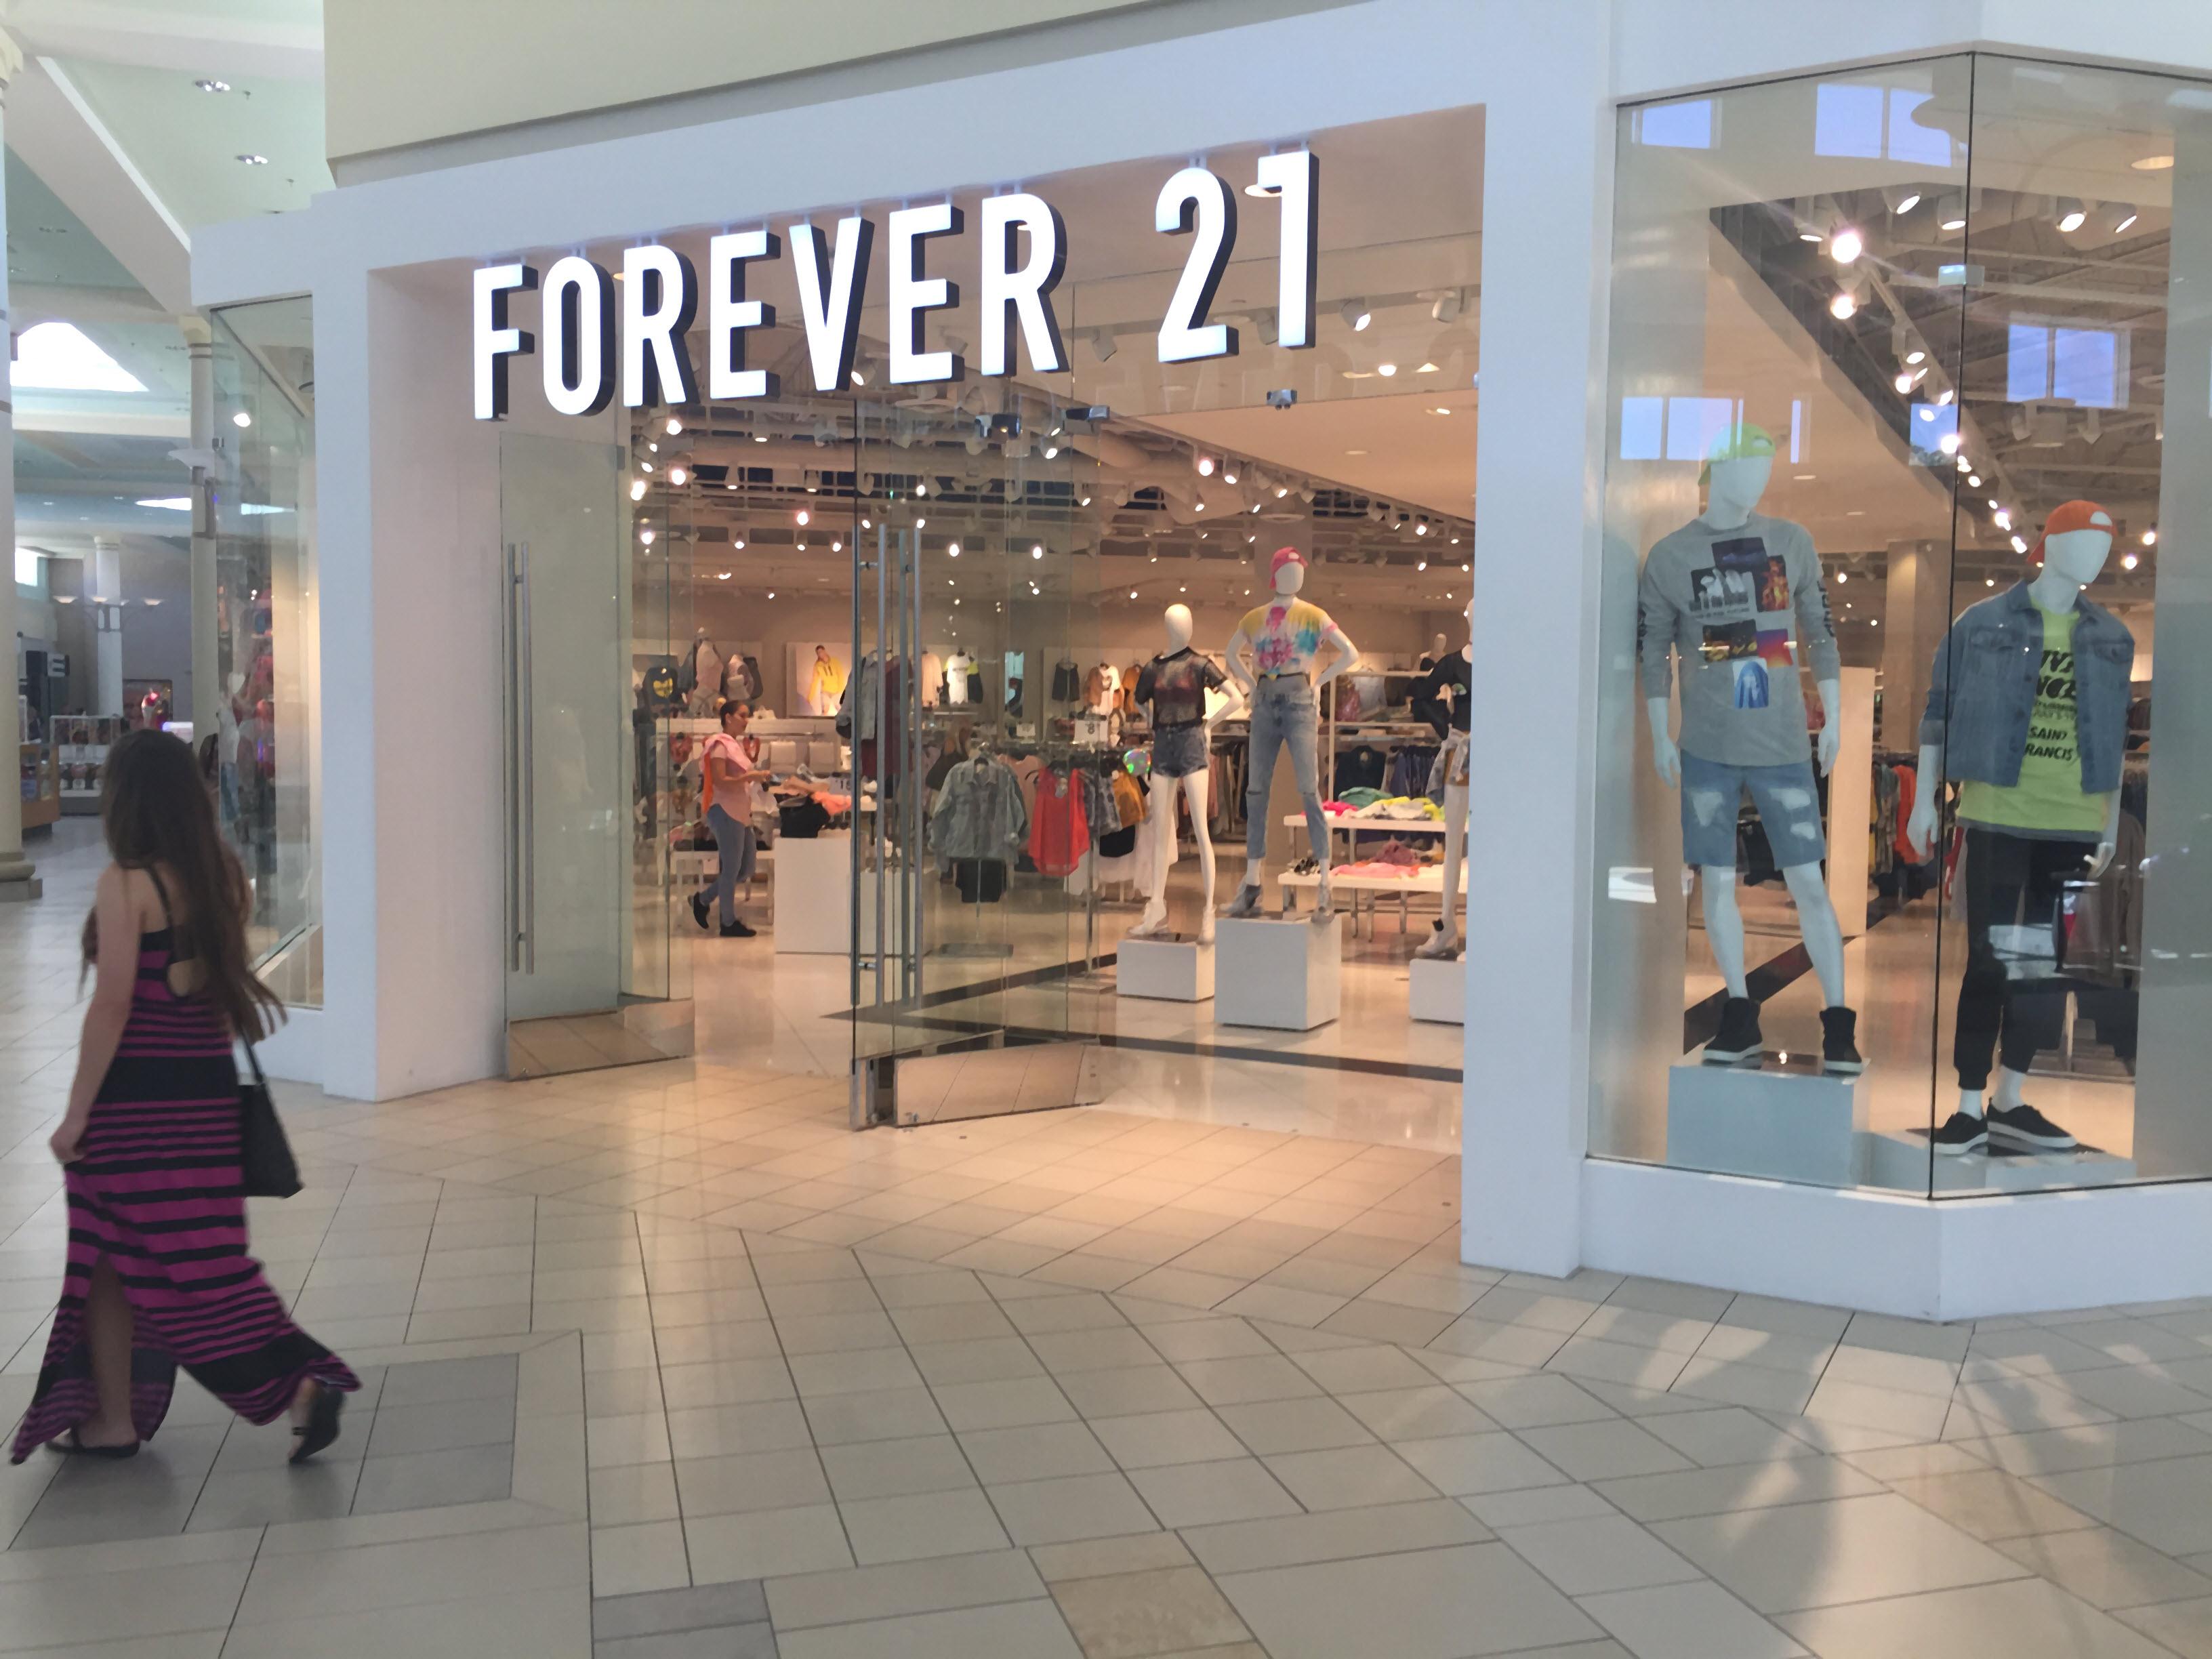 Jensen Beach Fl Shopping Mall